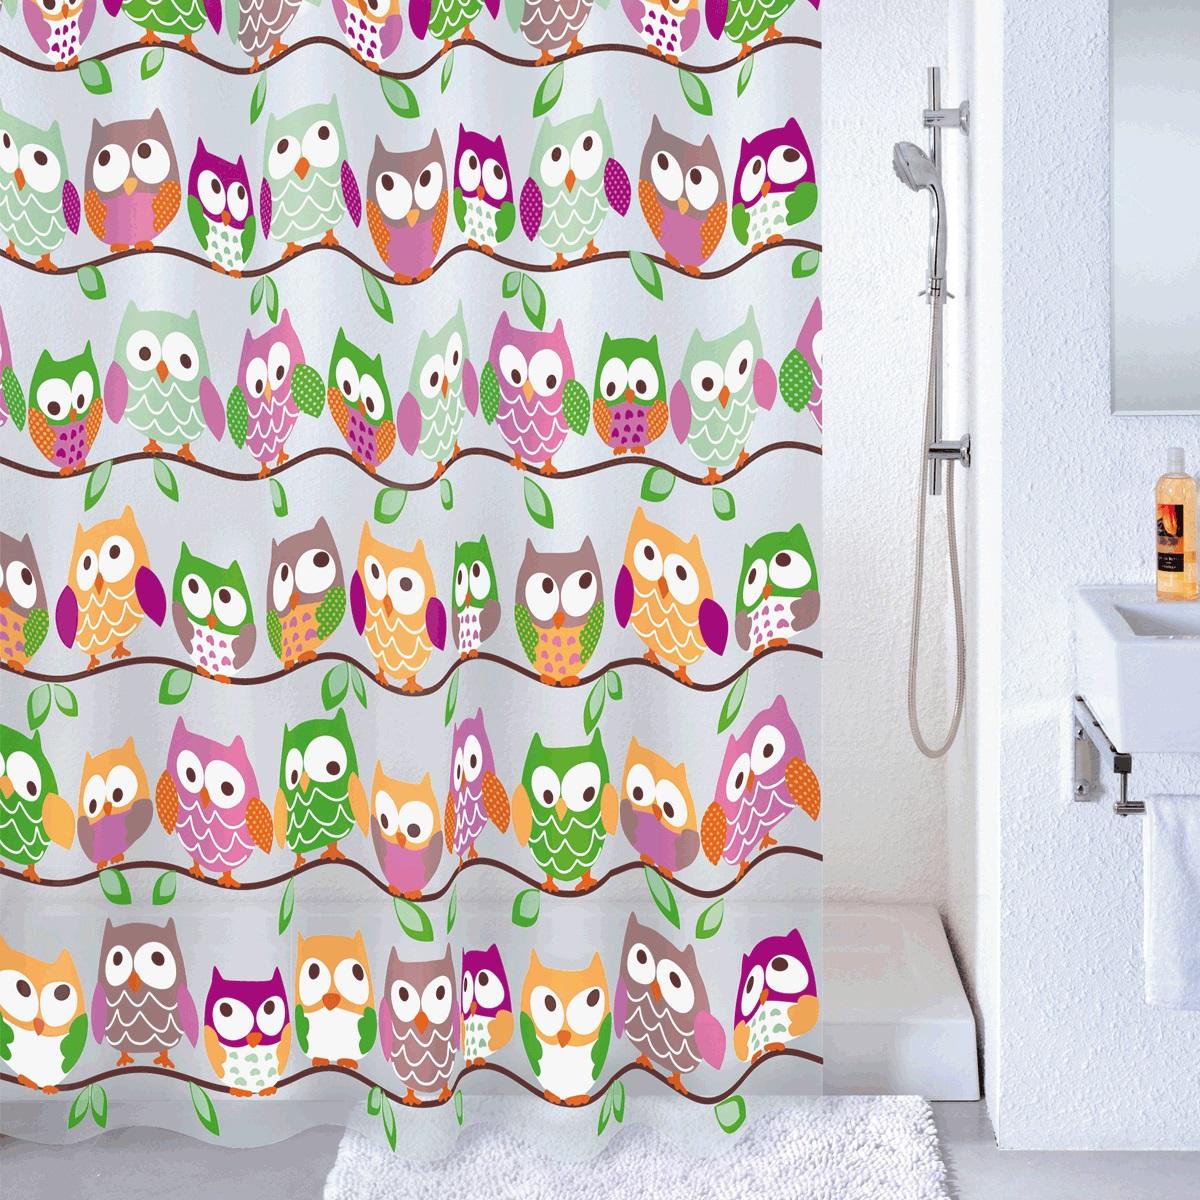 Штора для ванной Milardo Cheeky owls, цвет: мультиколор, 180 x 180 см530V180M11Материал: PEVA, толщина 0,09 мм, белая подложка, упаковка ПВХ пакет, 12 металлических люверсов, кольца в комплекте (12 шт.)